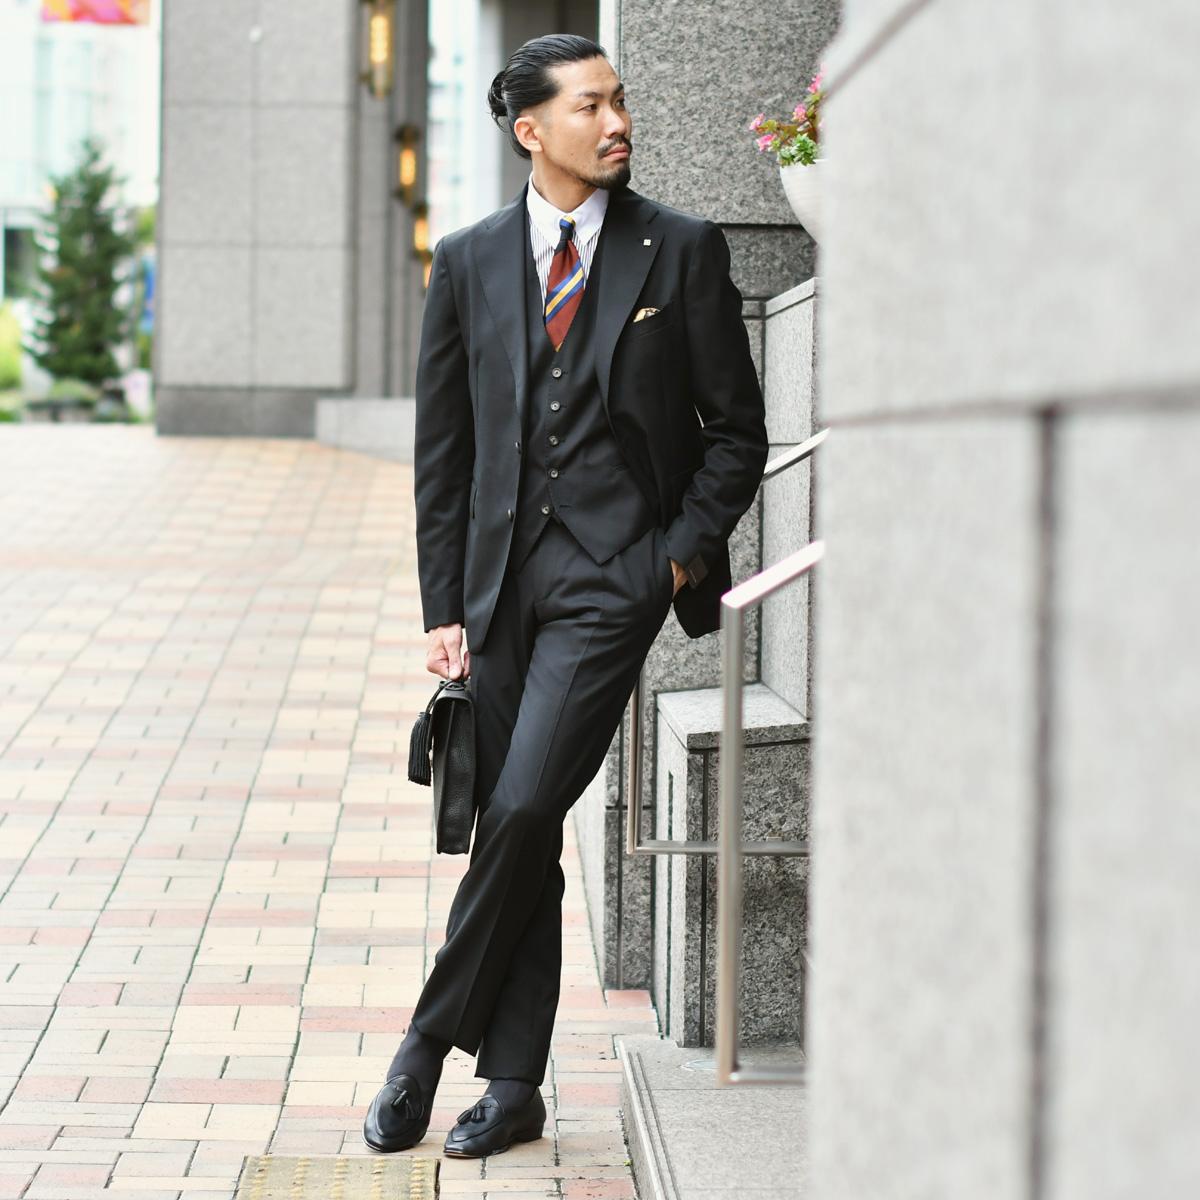 BLACK×BROWNがビジネススタイルをモダンに引き締めTAGLIATORE【タリアトーレ】